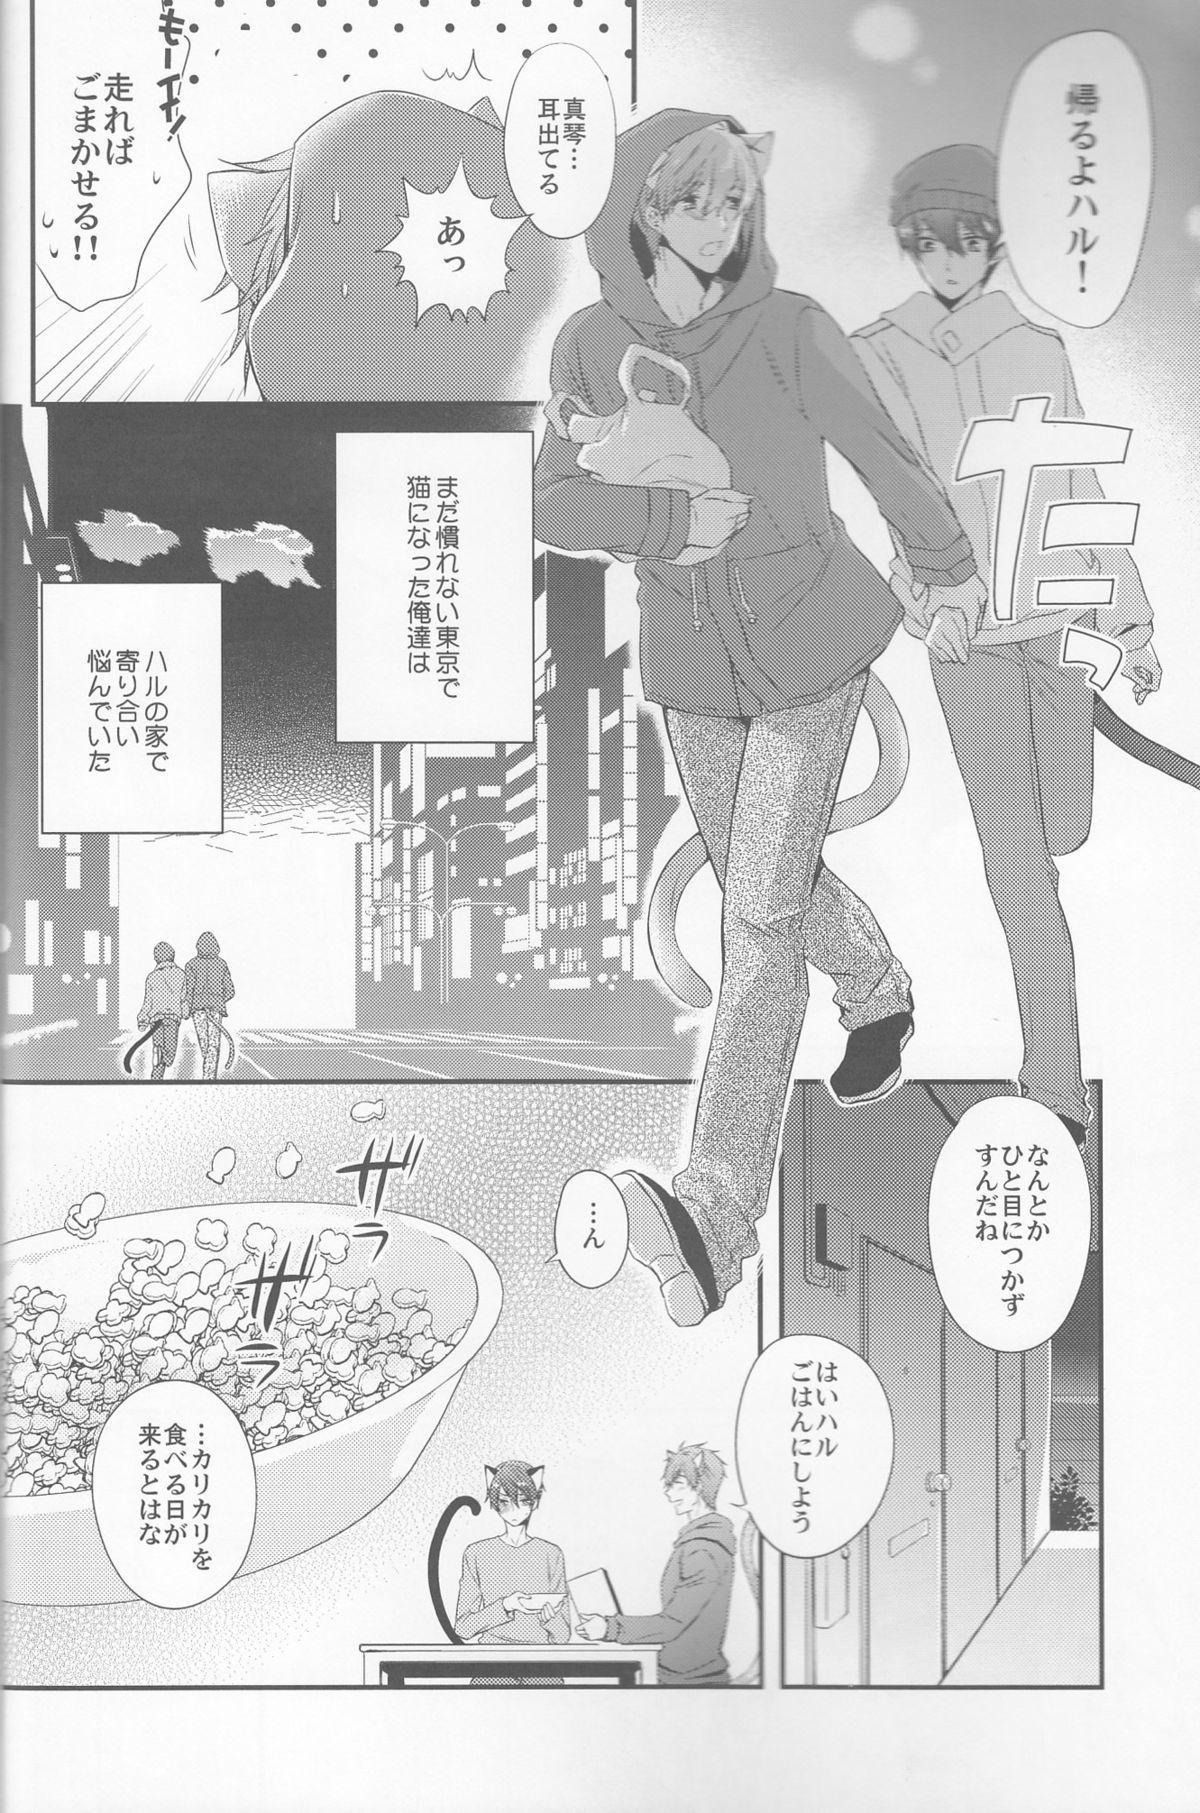 Kururu Kururu to Nodo ga Nari 4